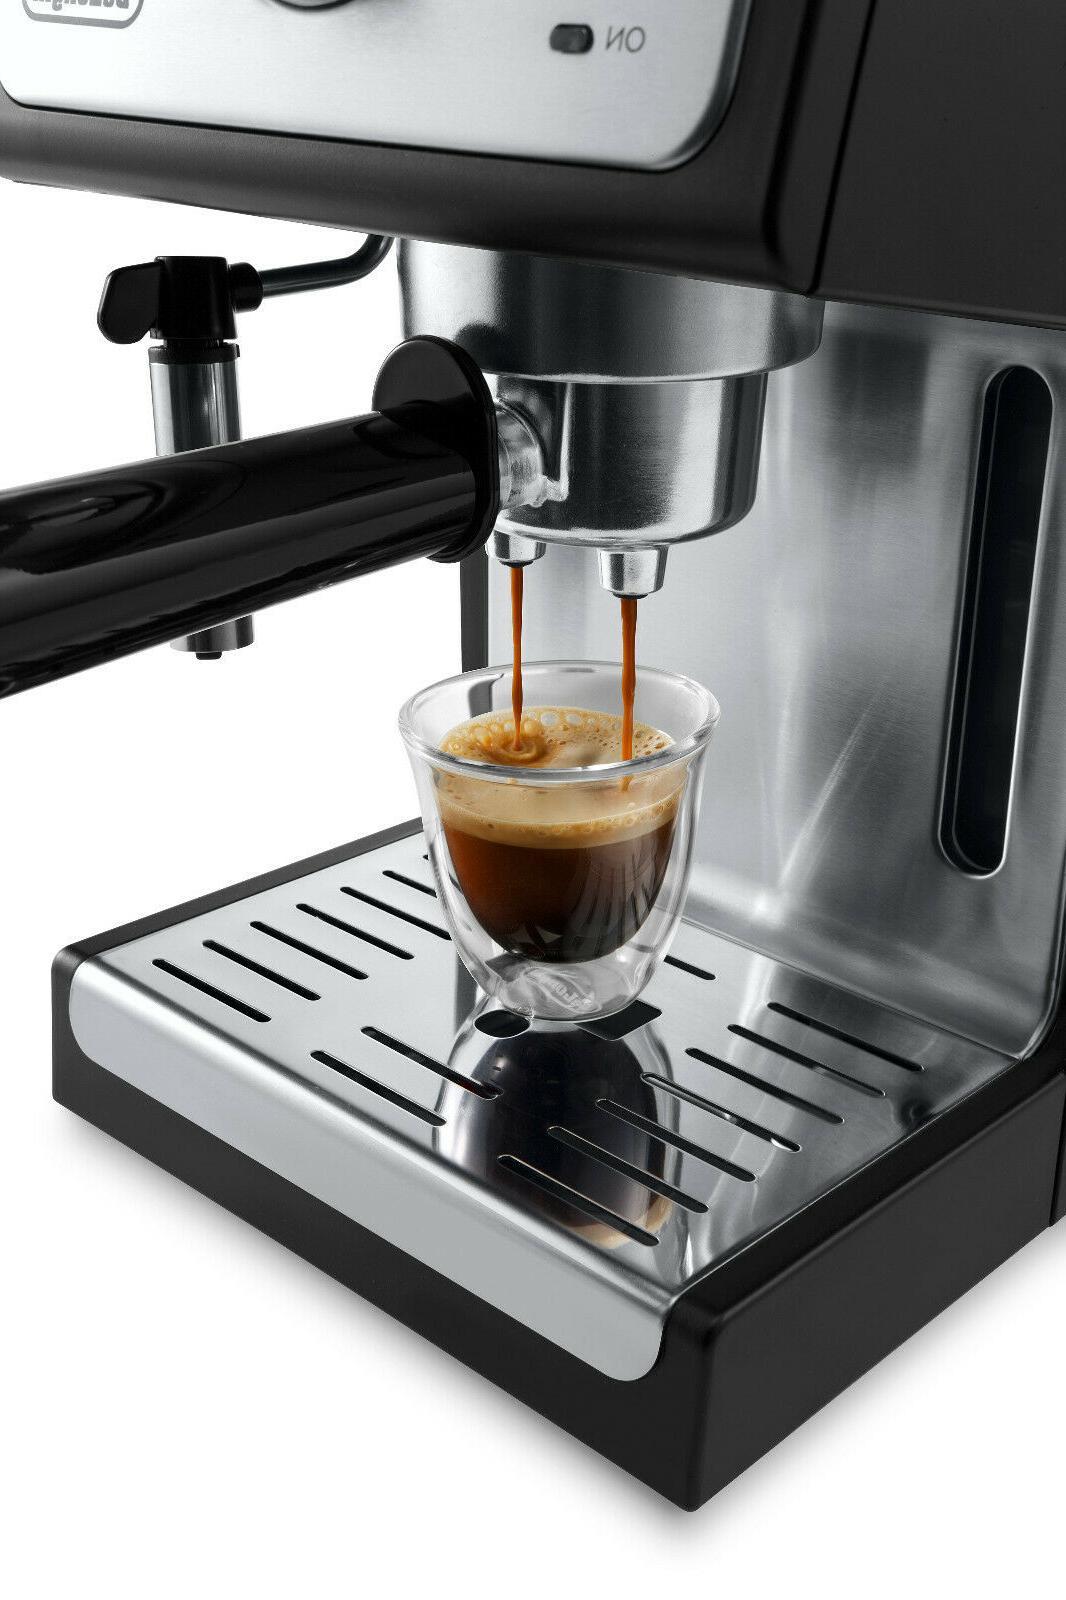 DeLonghi ESPRESSO Milk Steam Frother Latte Coffee